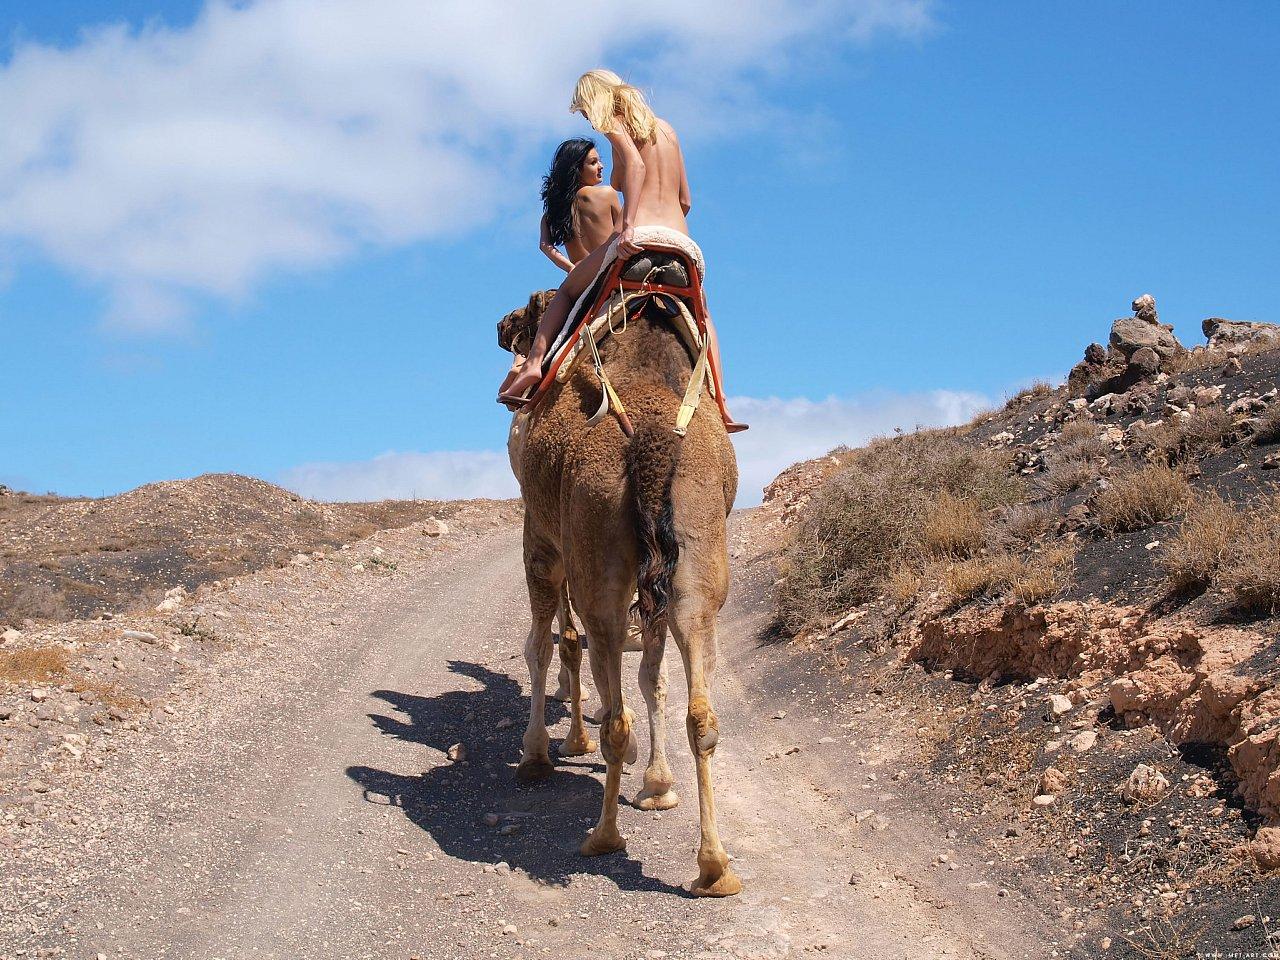 Секс с верблюдами фото 6 фотография